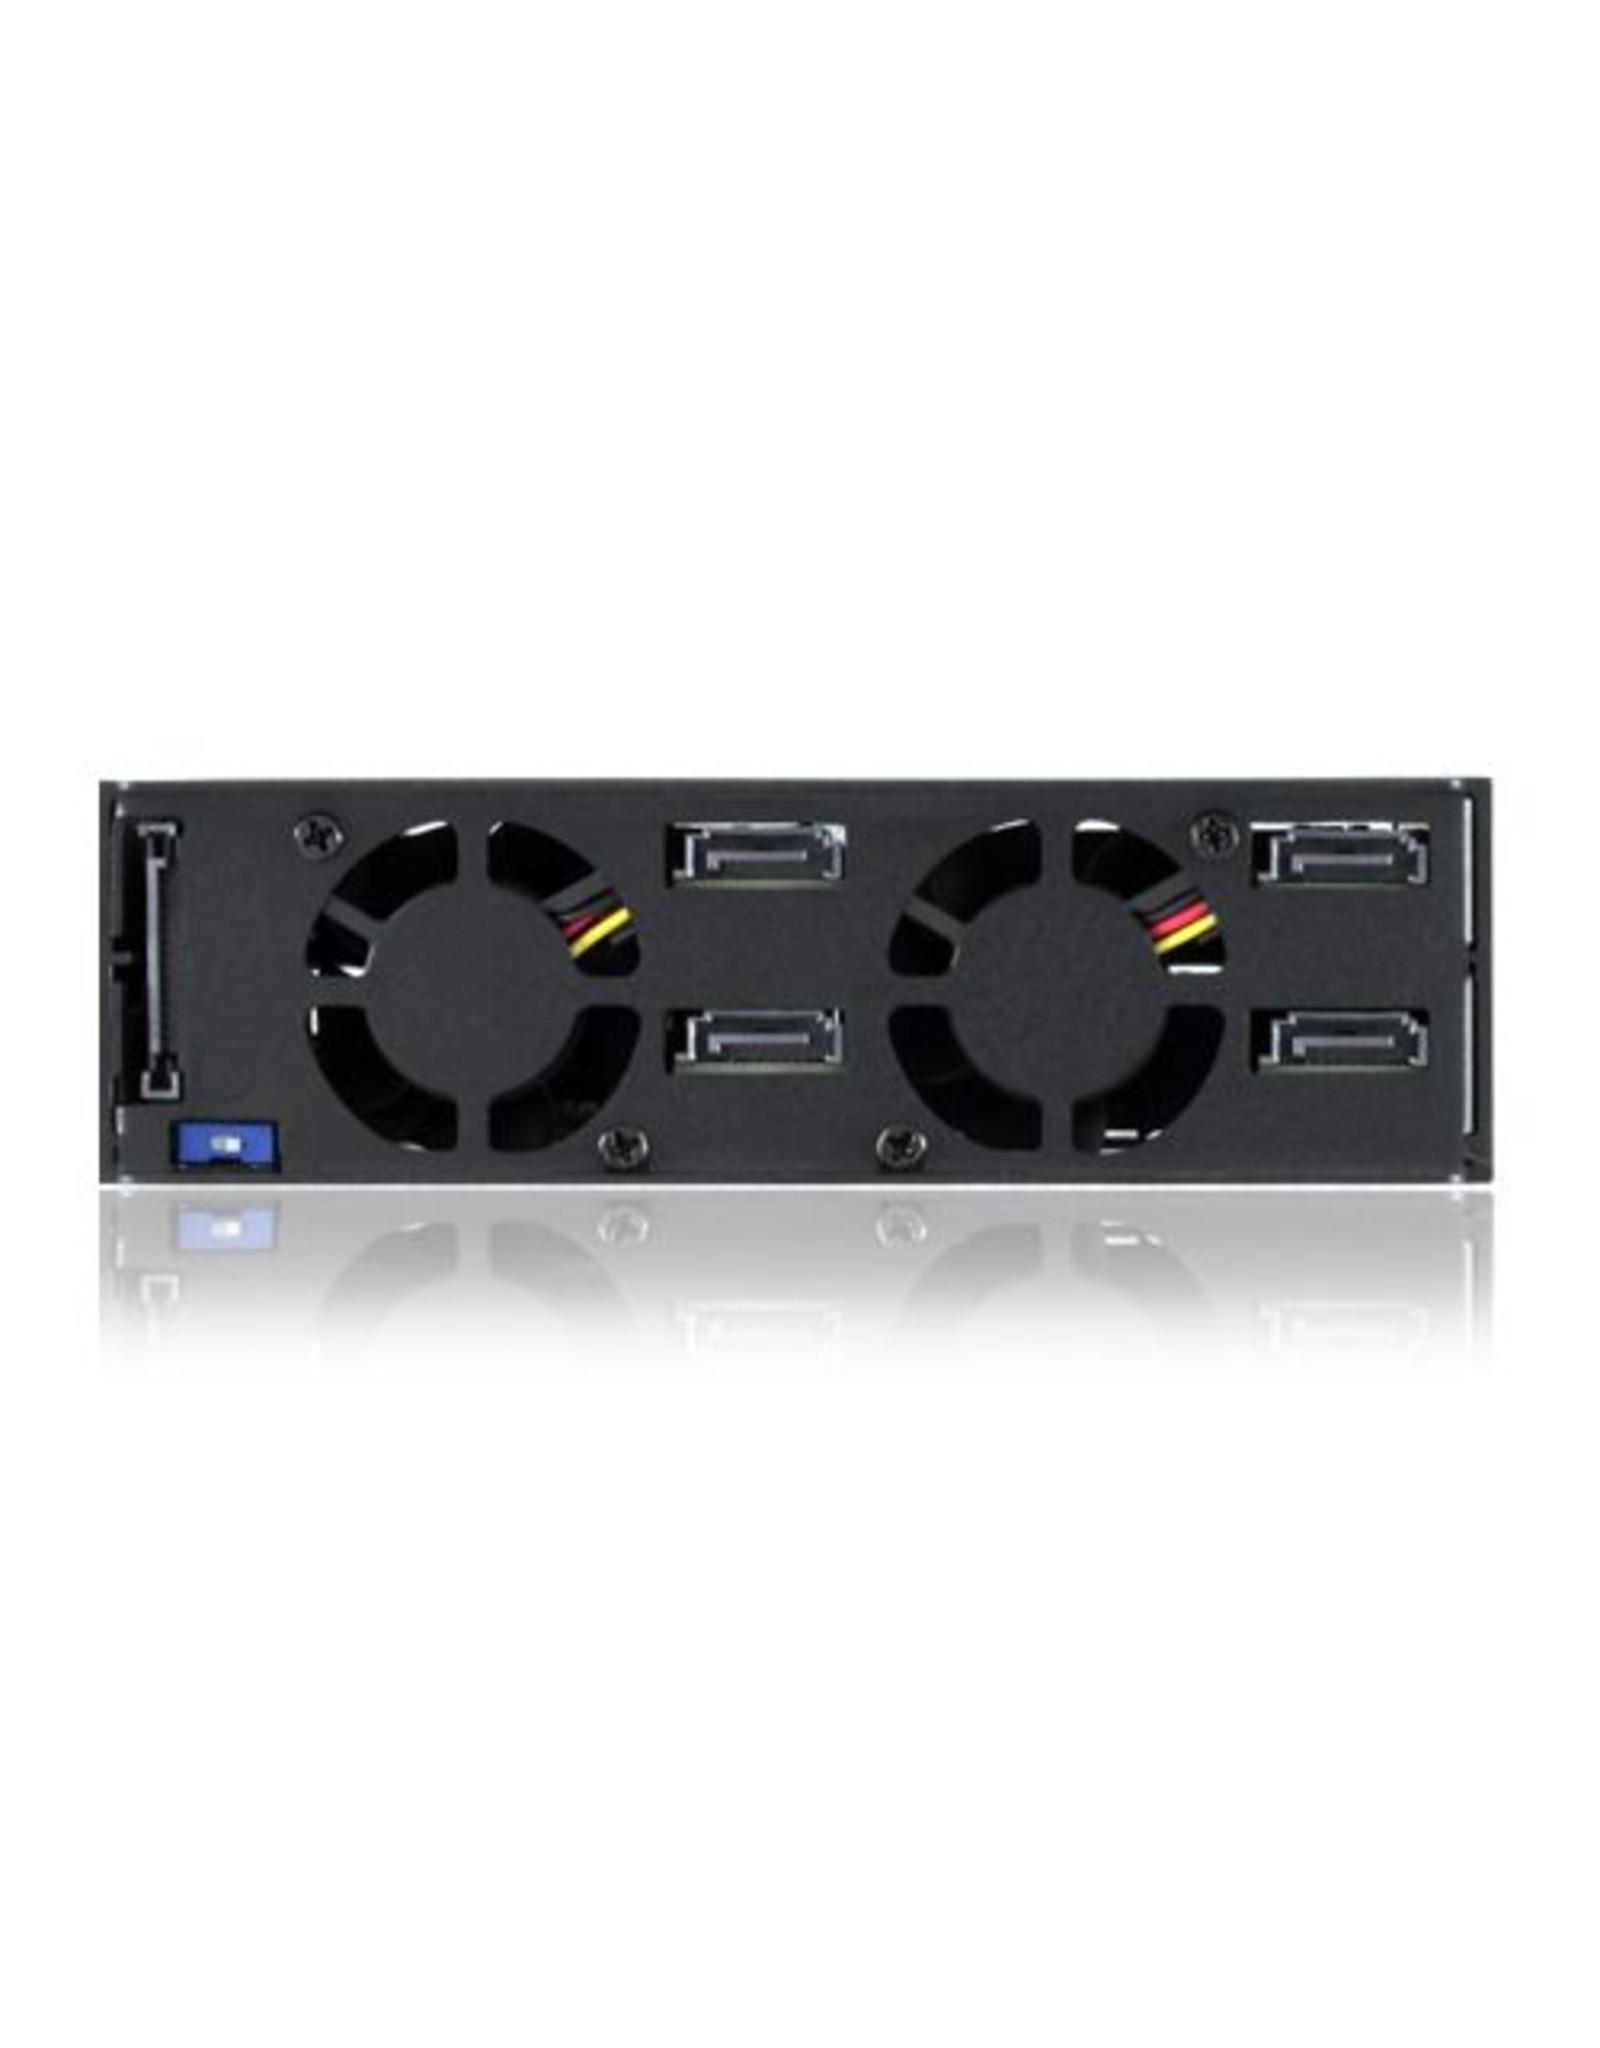 ICY BOX Icy Box IB-2240SK